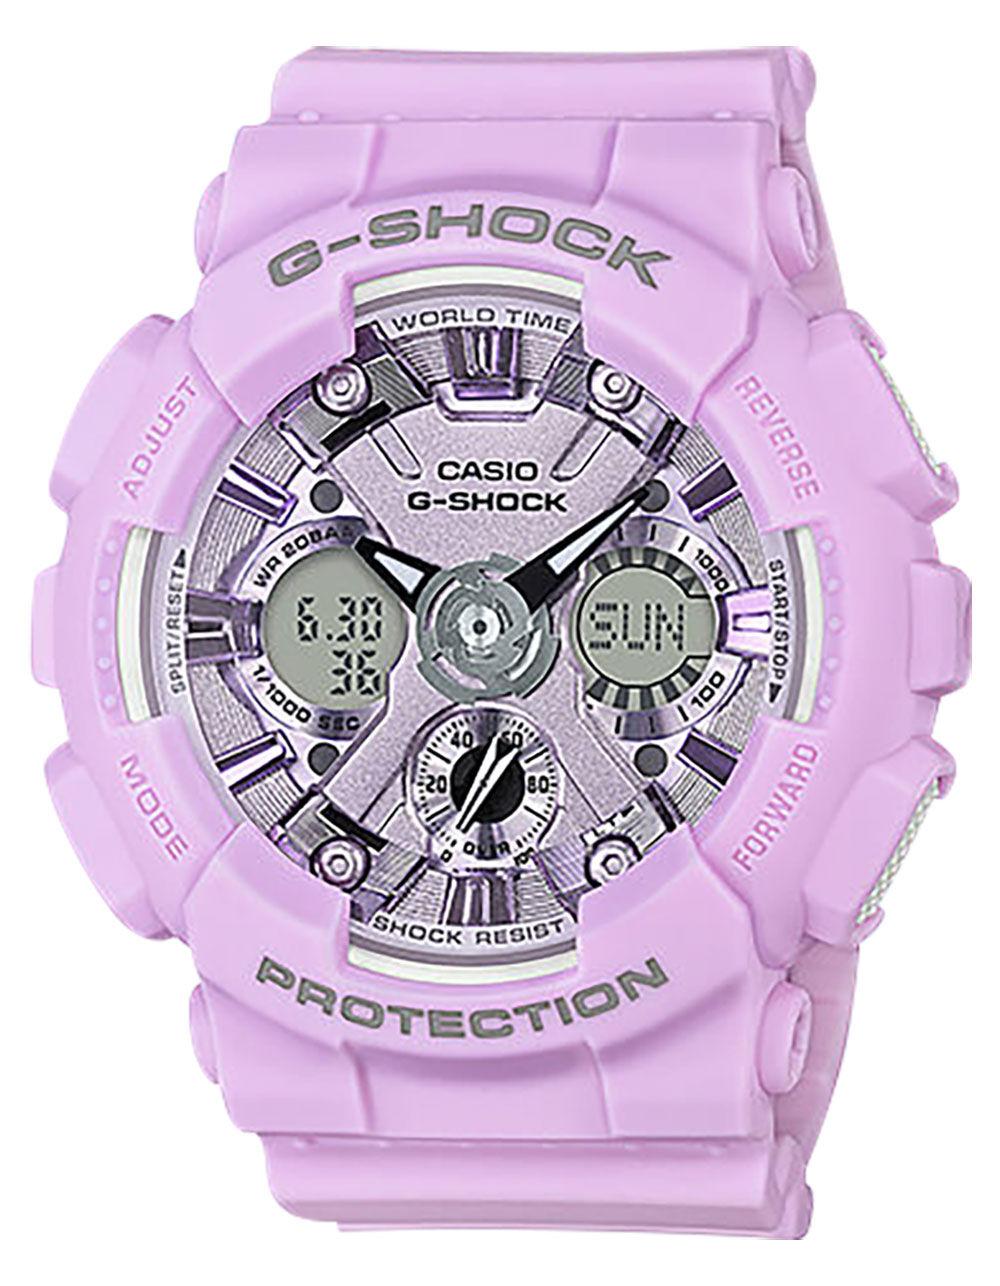 G-SHOCK GMAS120DP Lavender Watch